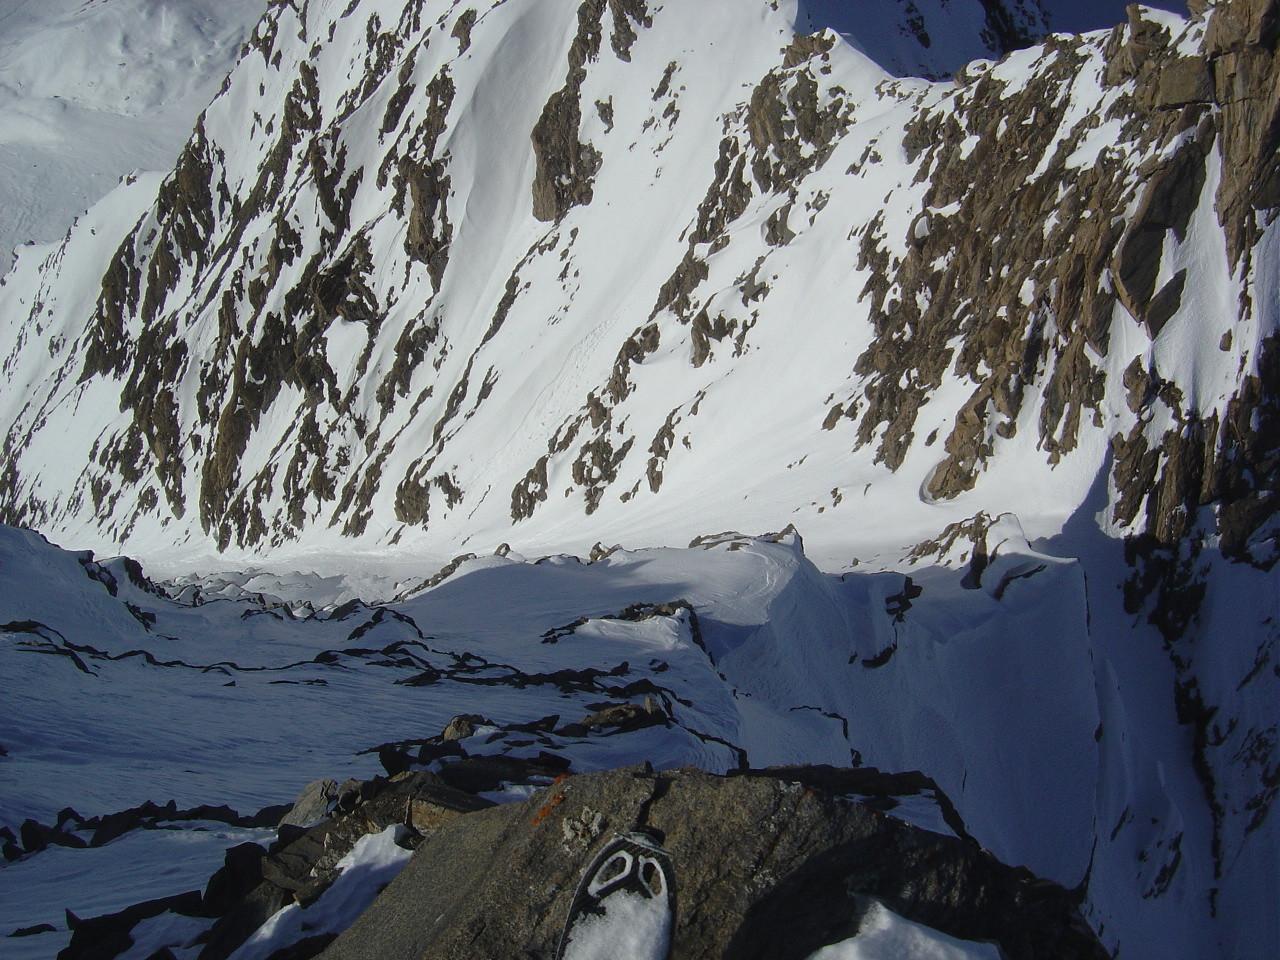 Vue plongeante du sommet sur l'arête NW et le couloir W, au soleil, à gauche